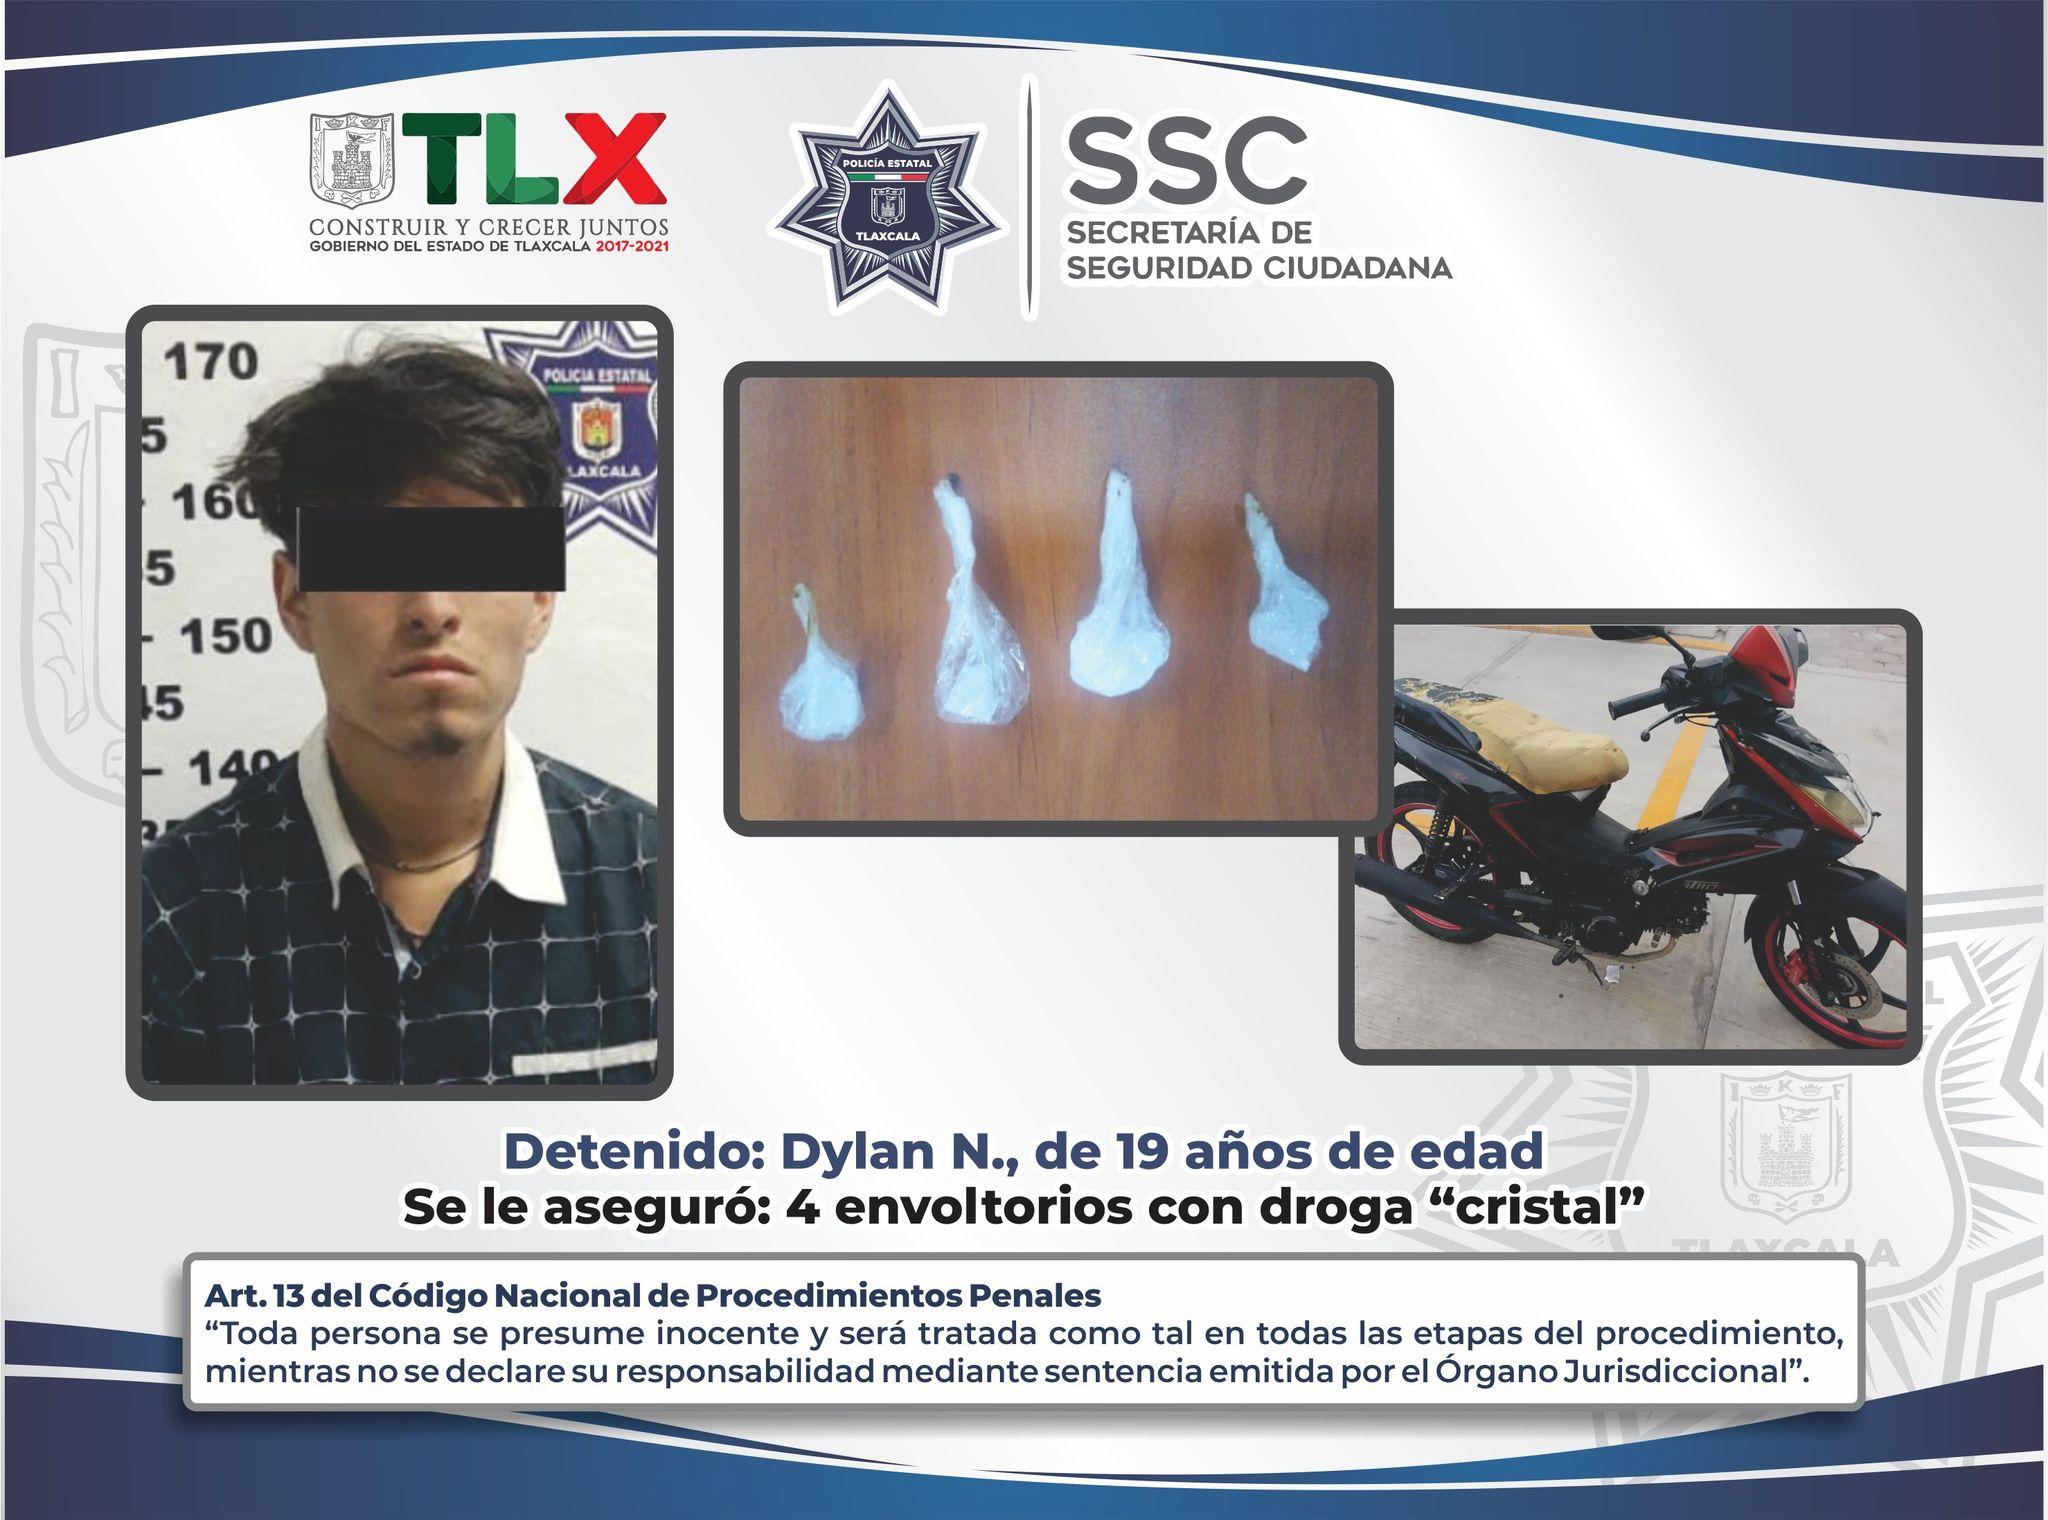 La SSC detiene en Apizaco a persona por posesión de droga